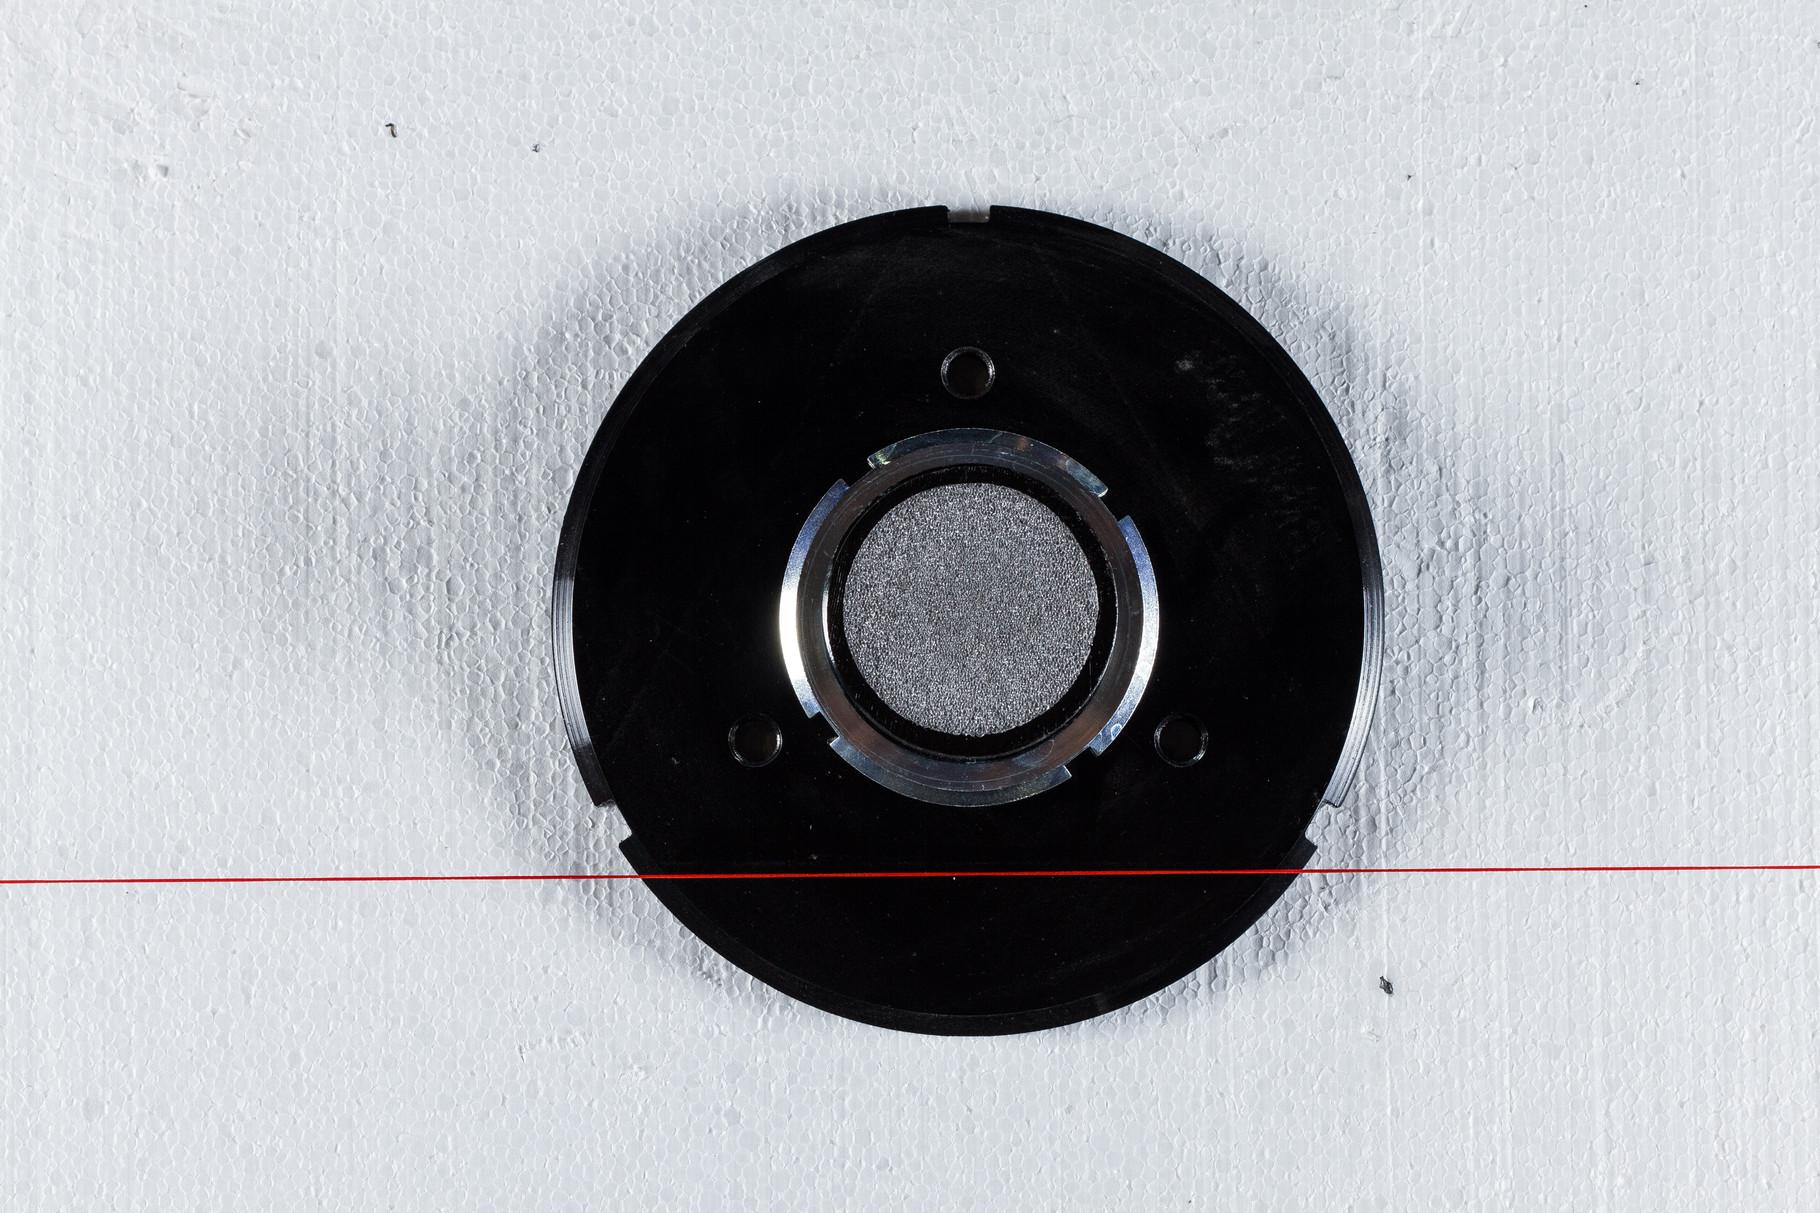 Die 2. Spannmutter (mit O-Ring) auf Gewinderohr anbringen und die Ronde handfest fixieren und einrichten.